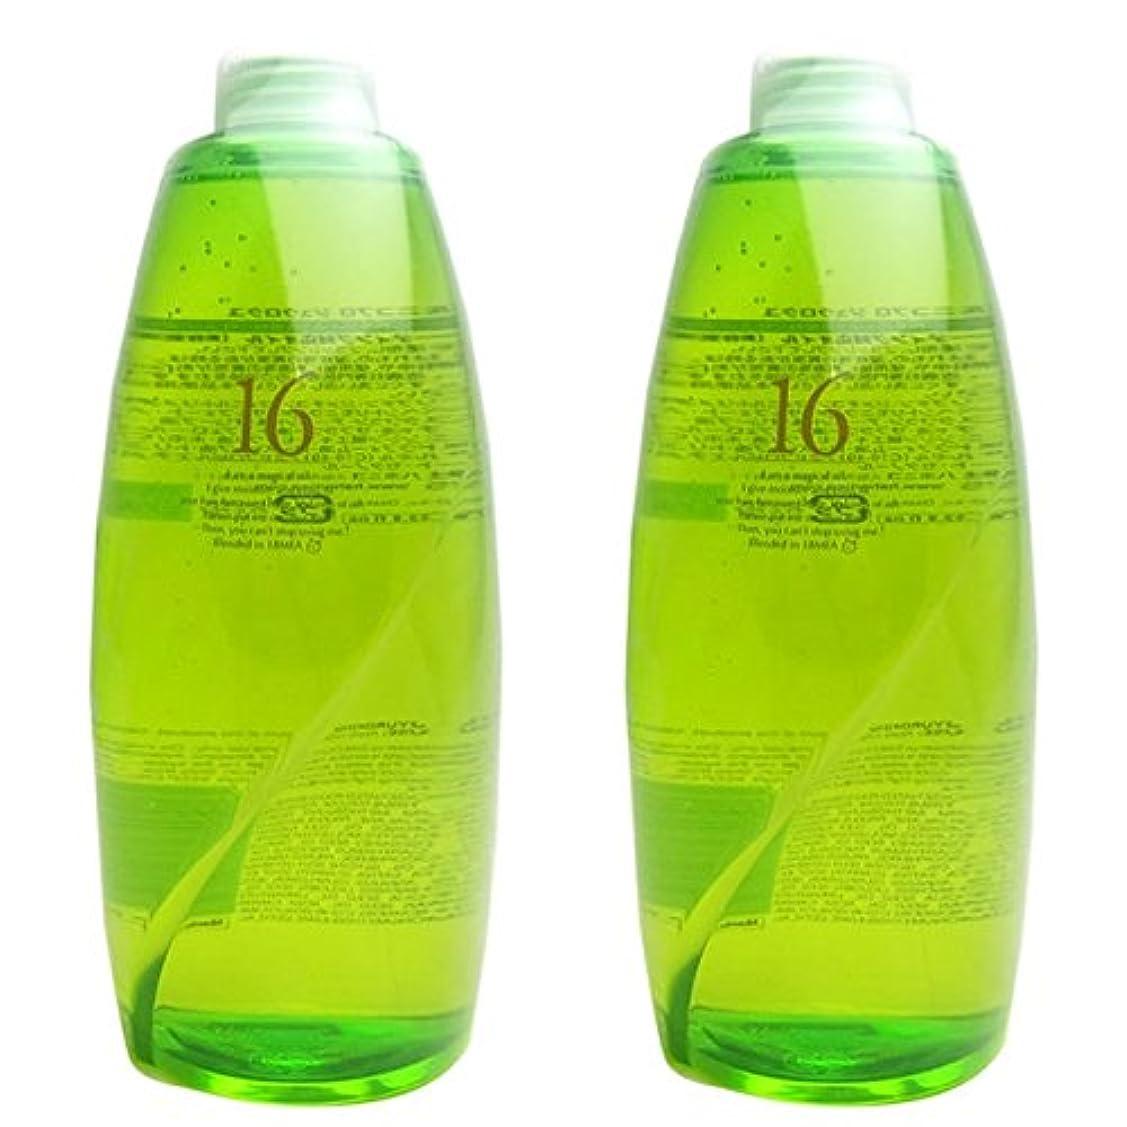 療法危険な耐えられない【X2個セット】 ハホニコ 十六油 (洗い流さないトリートメント) 1000ml 詰替え用 hahonico